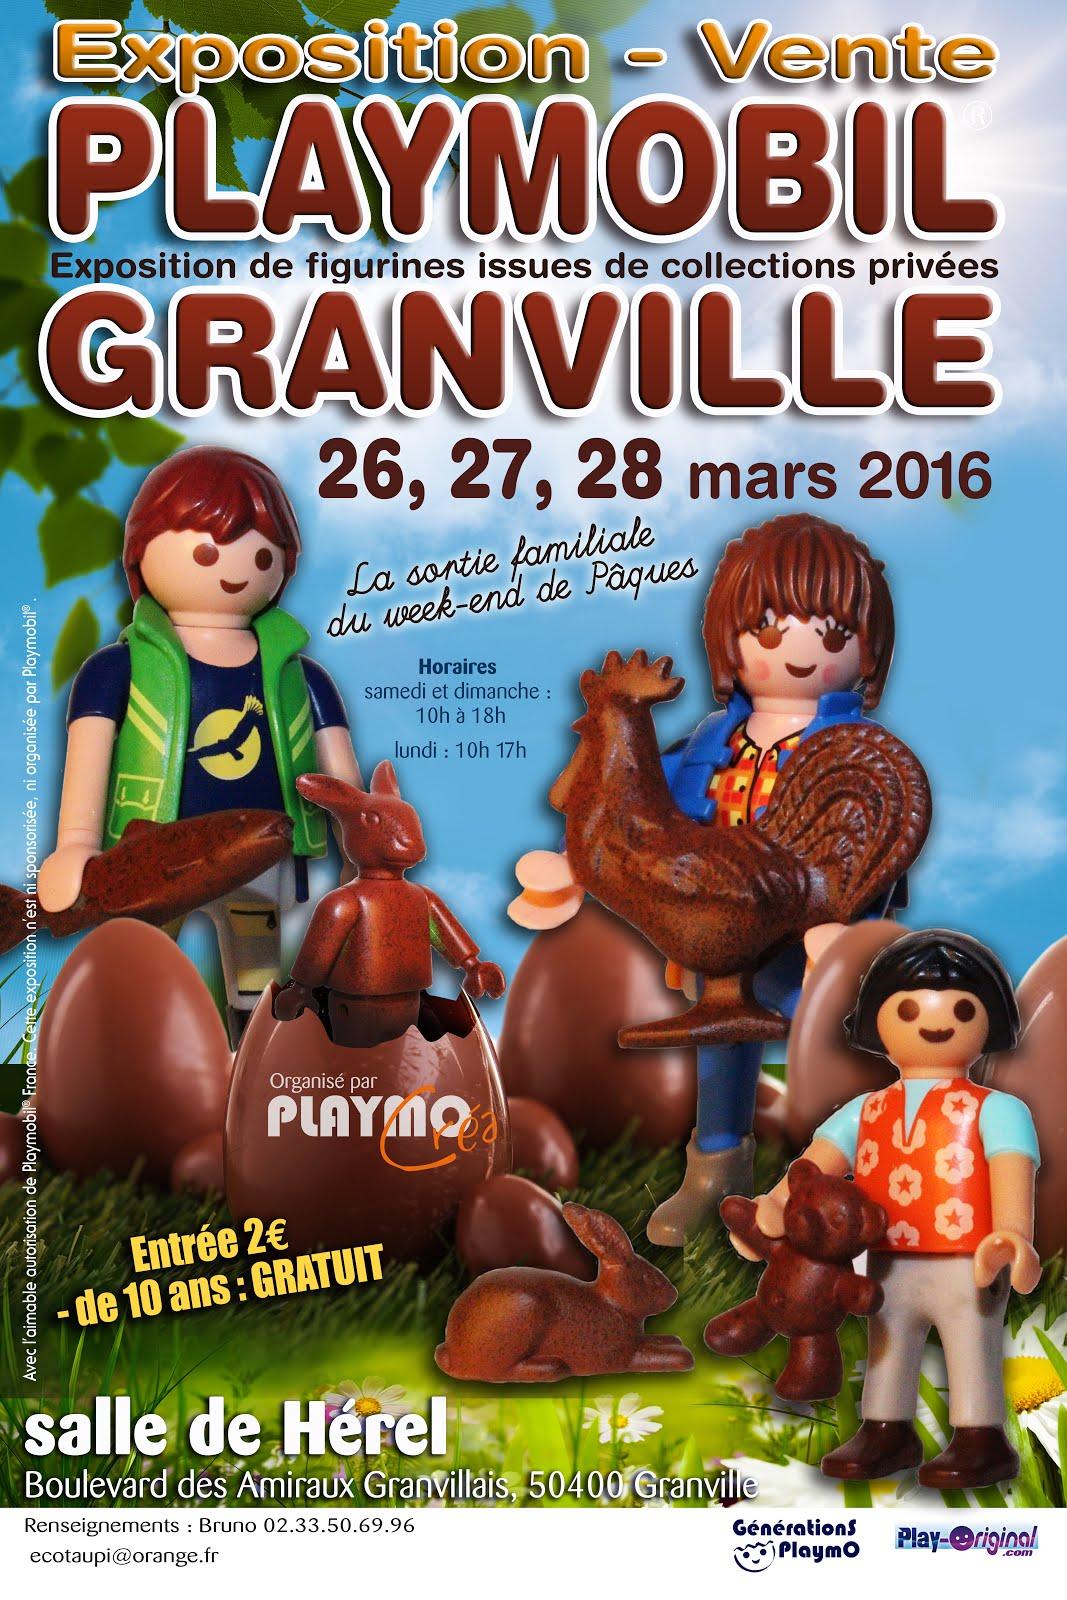 Expo-Vente Granville, 26,27,28 mars 2016